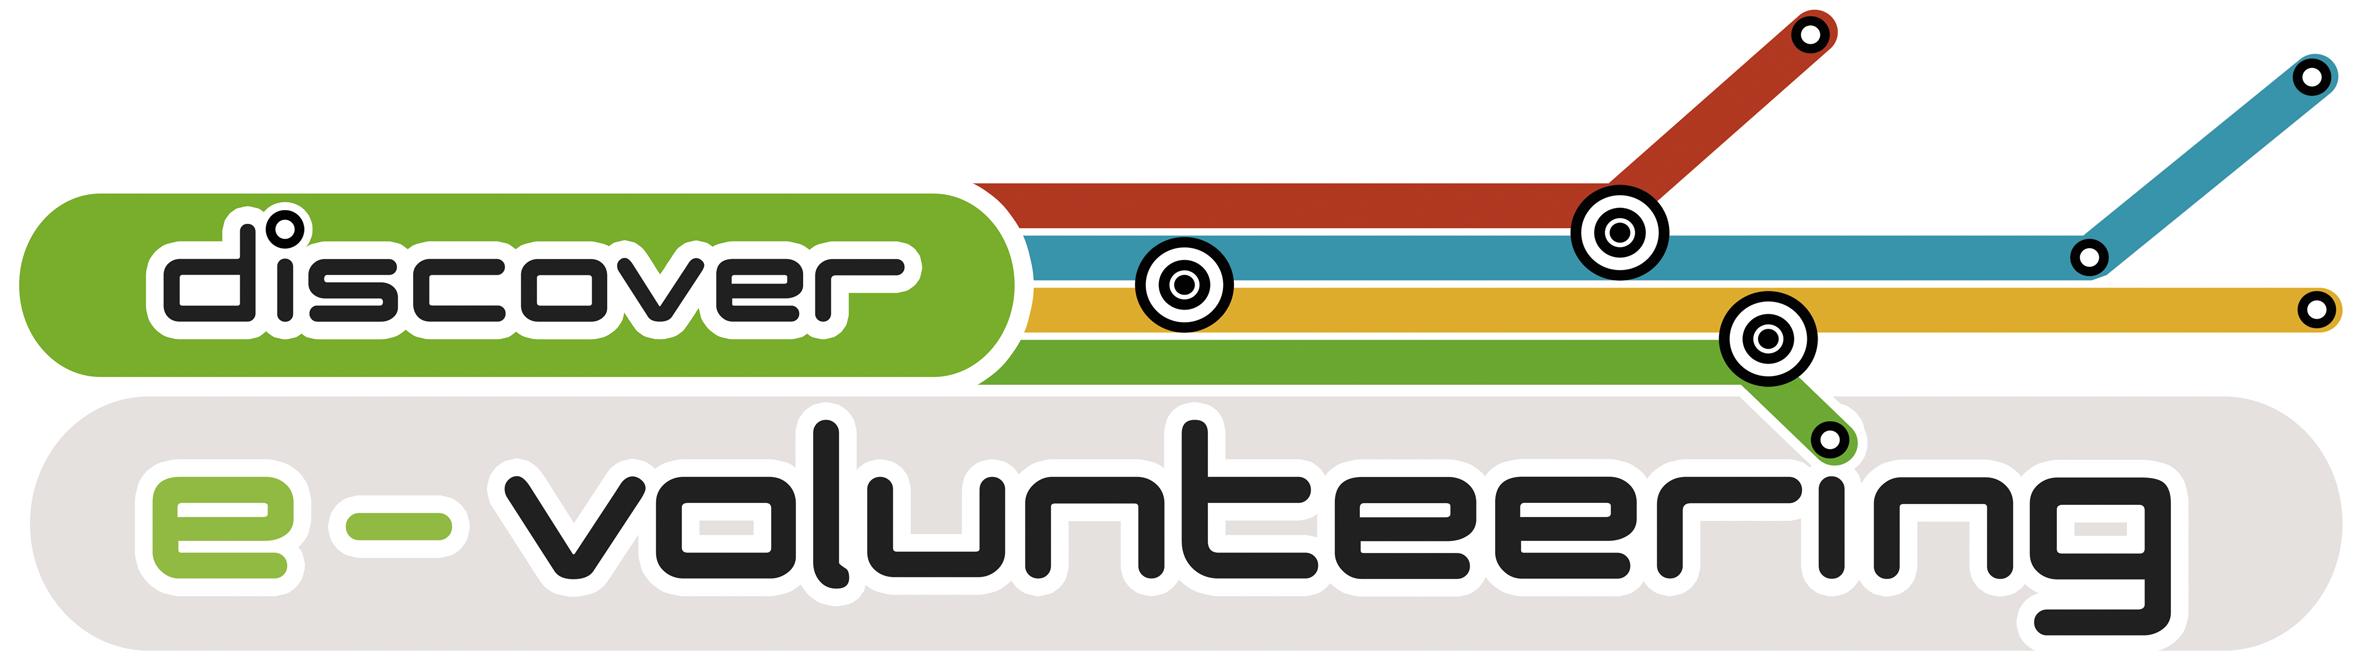 Logo Discover E-Volunteering.